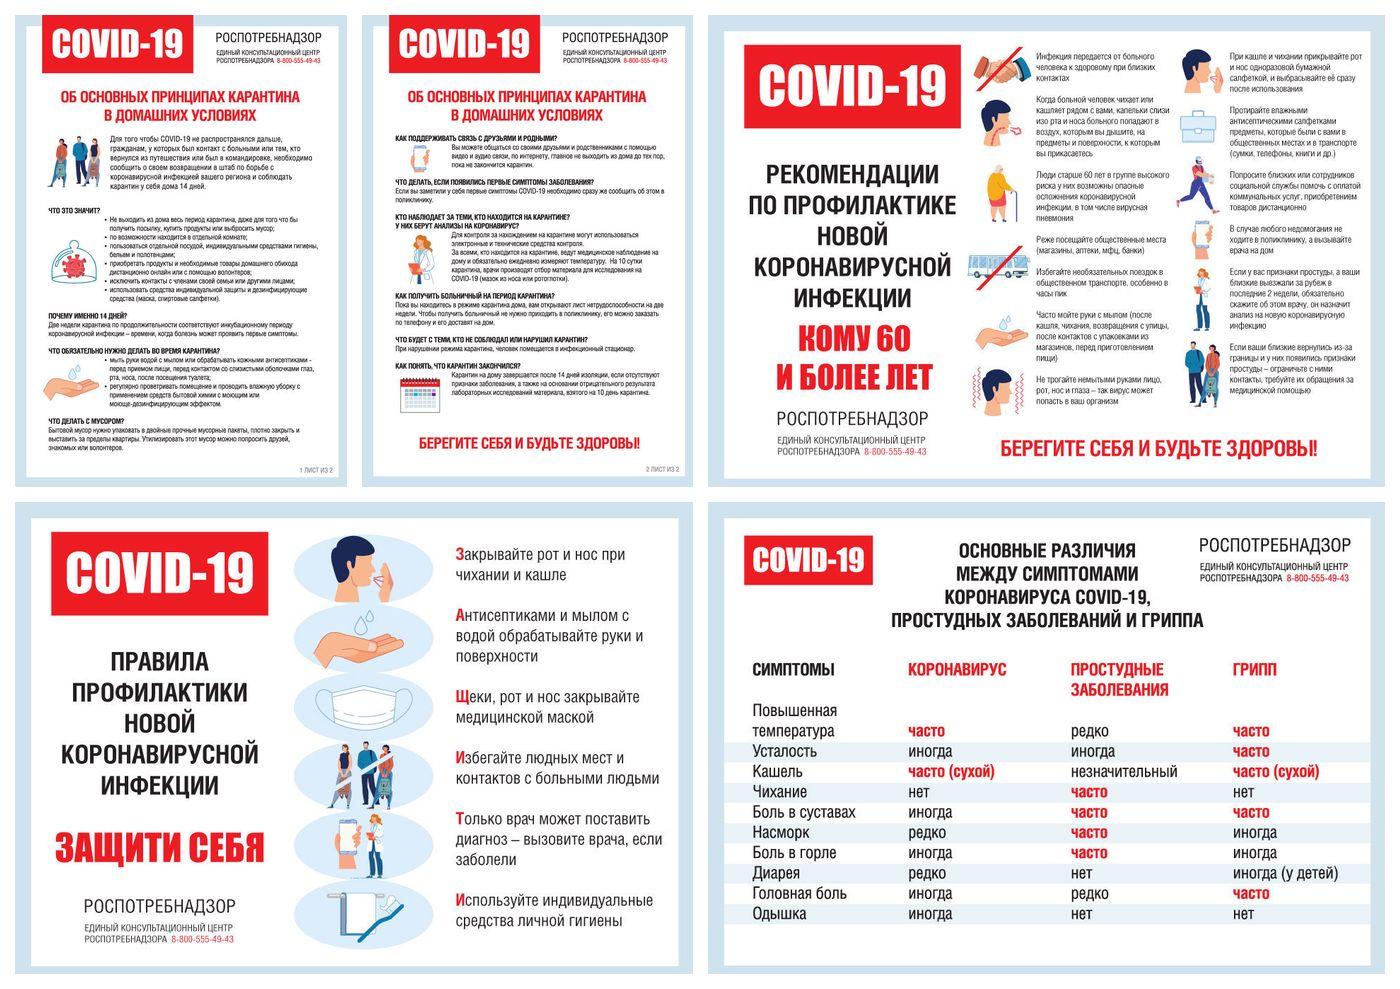 Воз: все вопросы и ответы про коронавирус